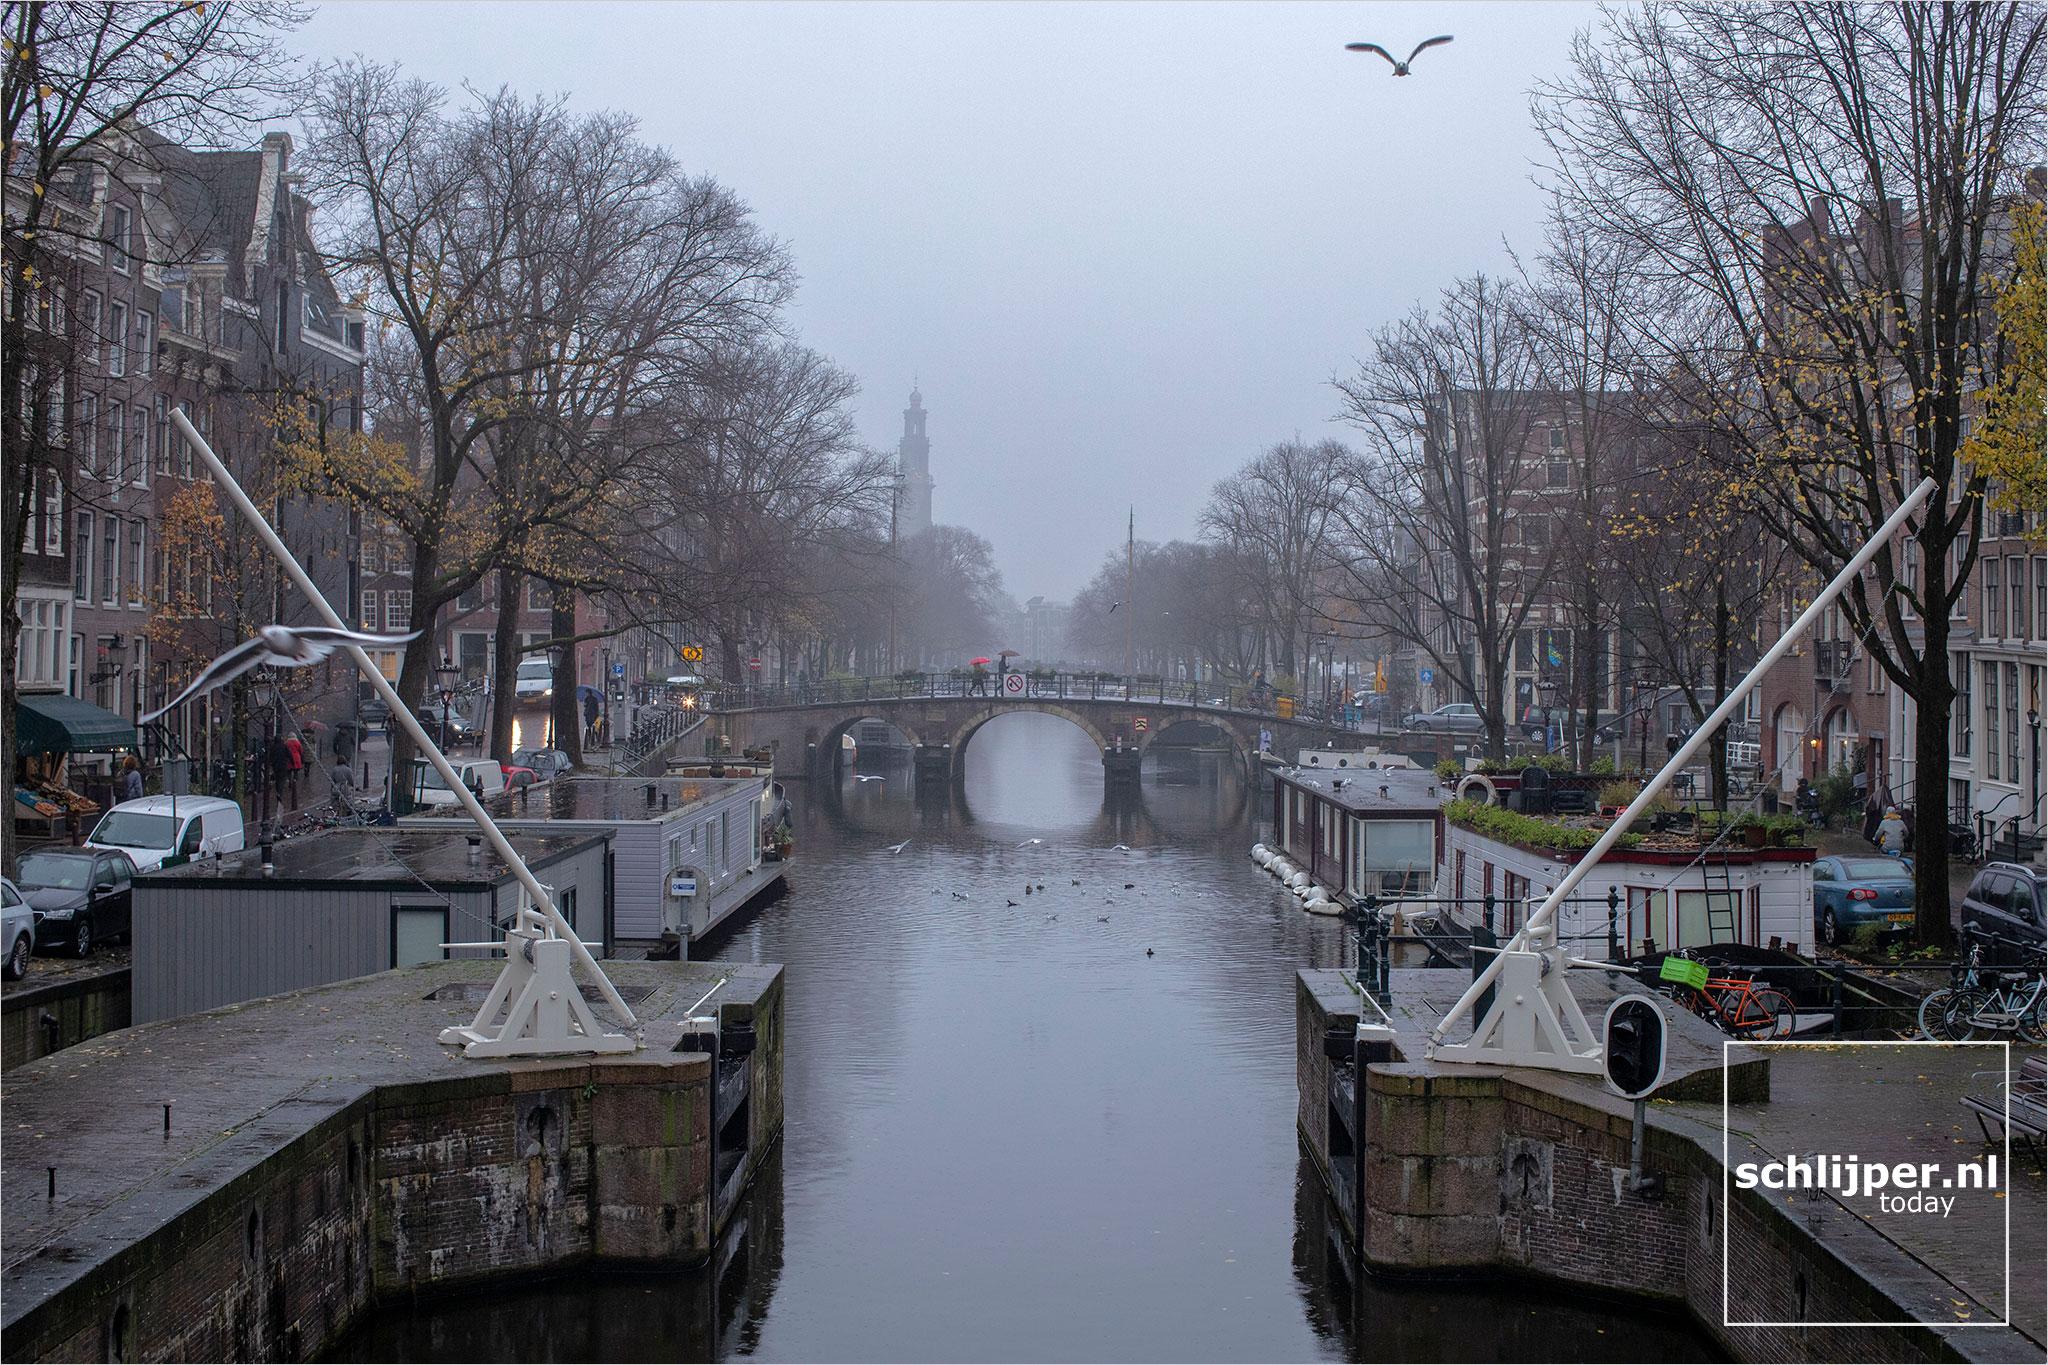 Nederland, Amsterdam, 30 november 2020